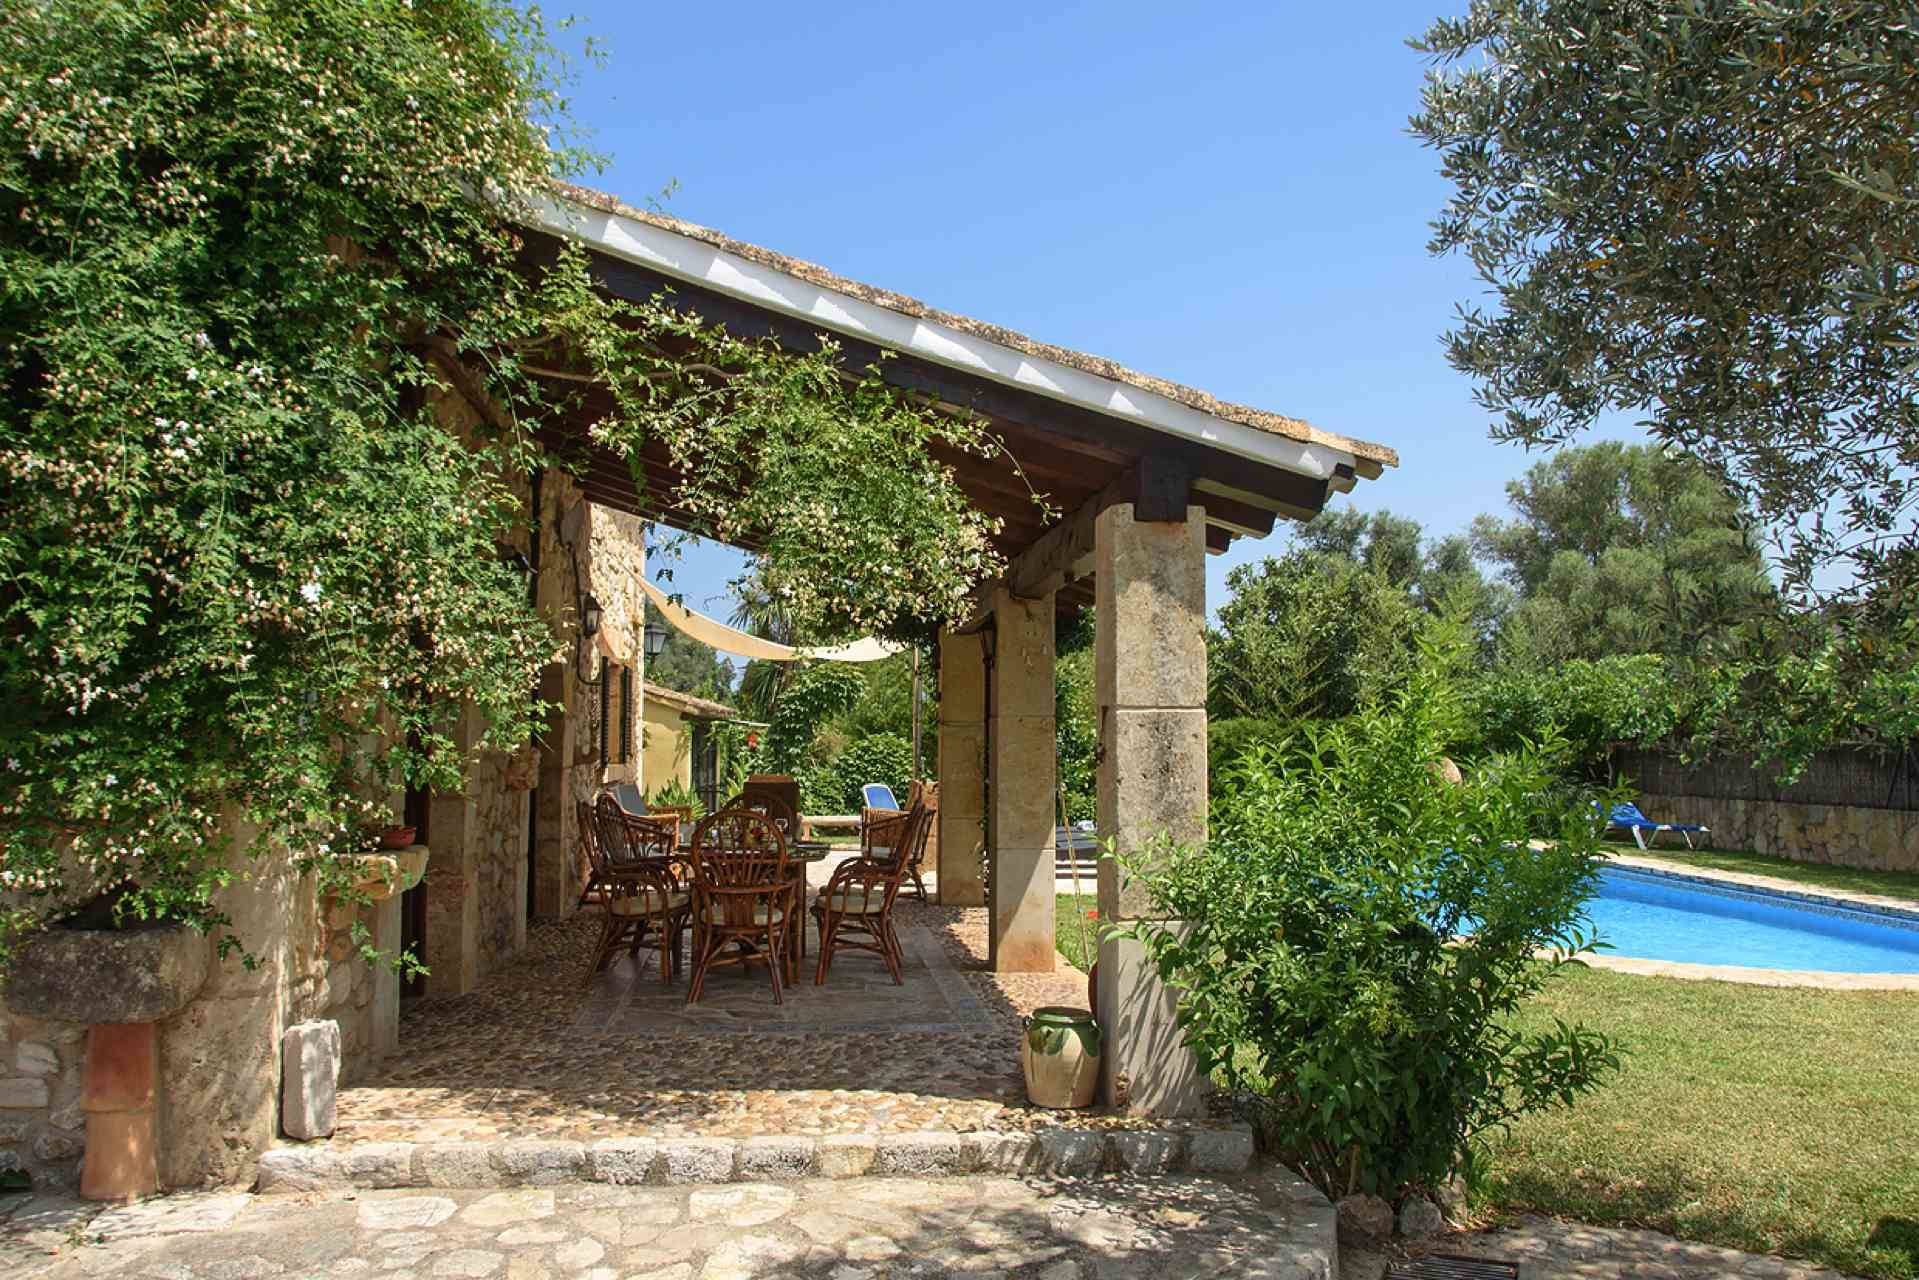 01-164 Romantische Finca Mallorca Norden Bild 16